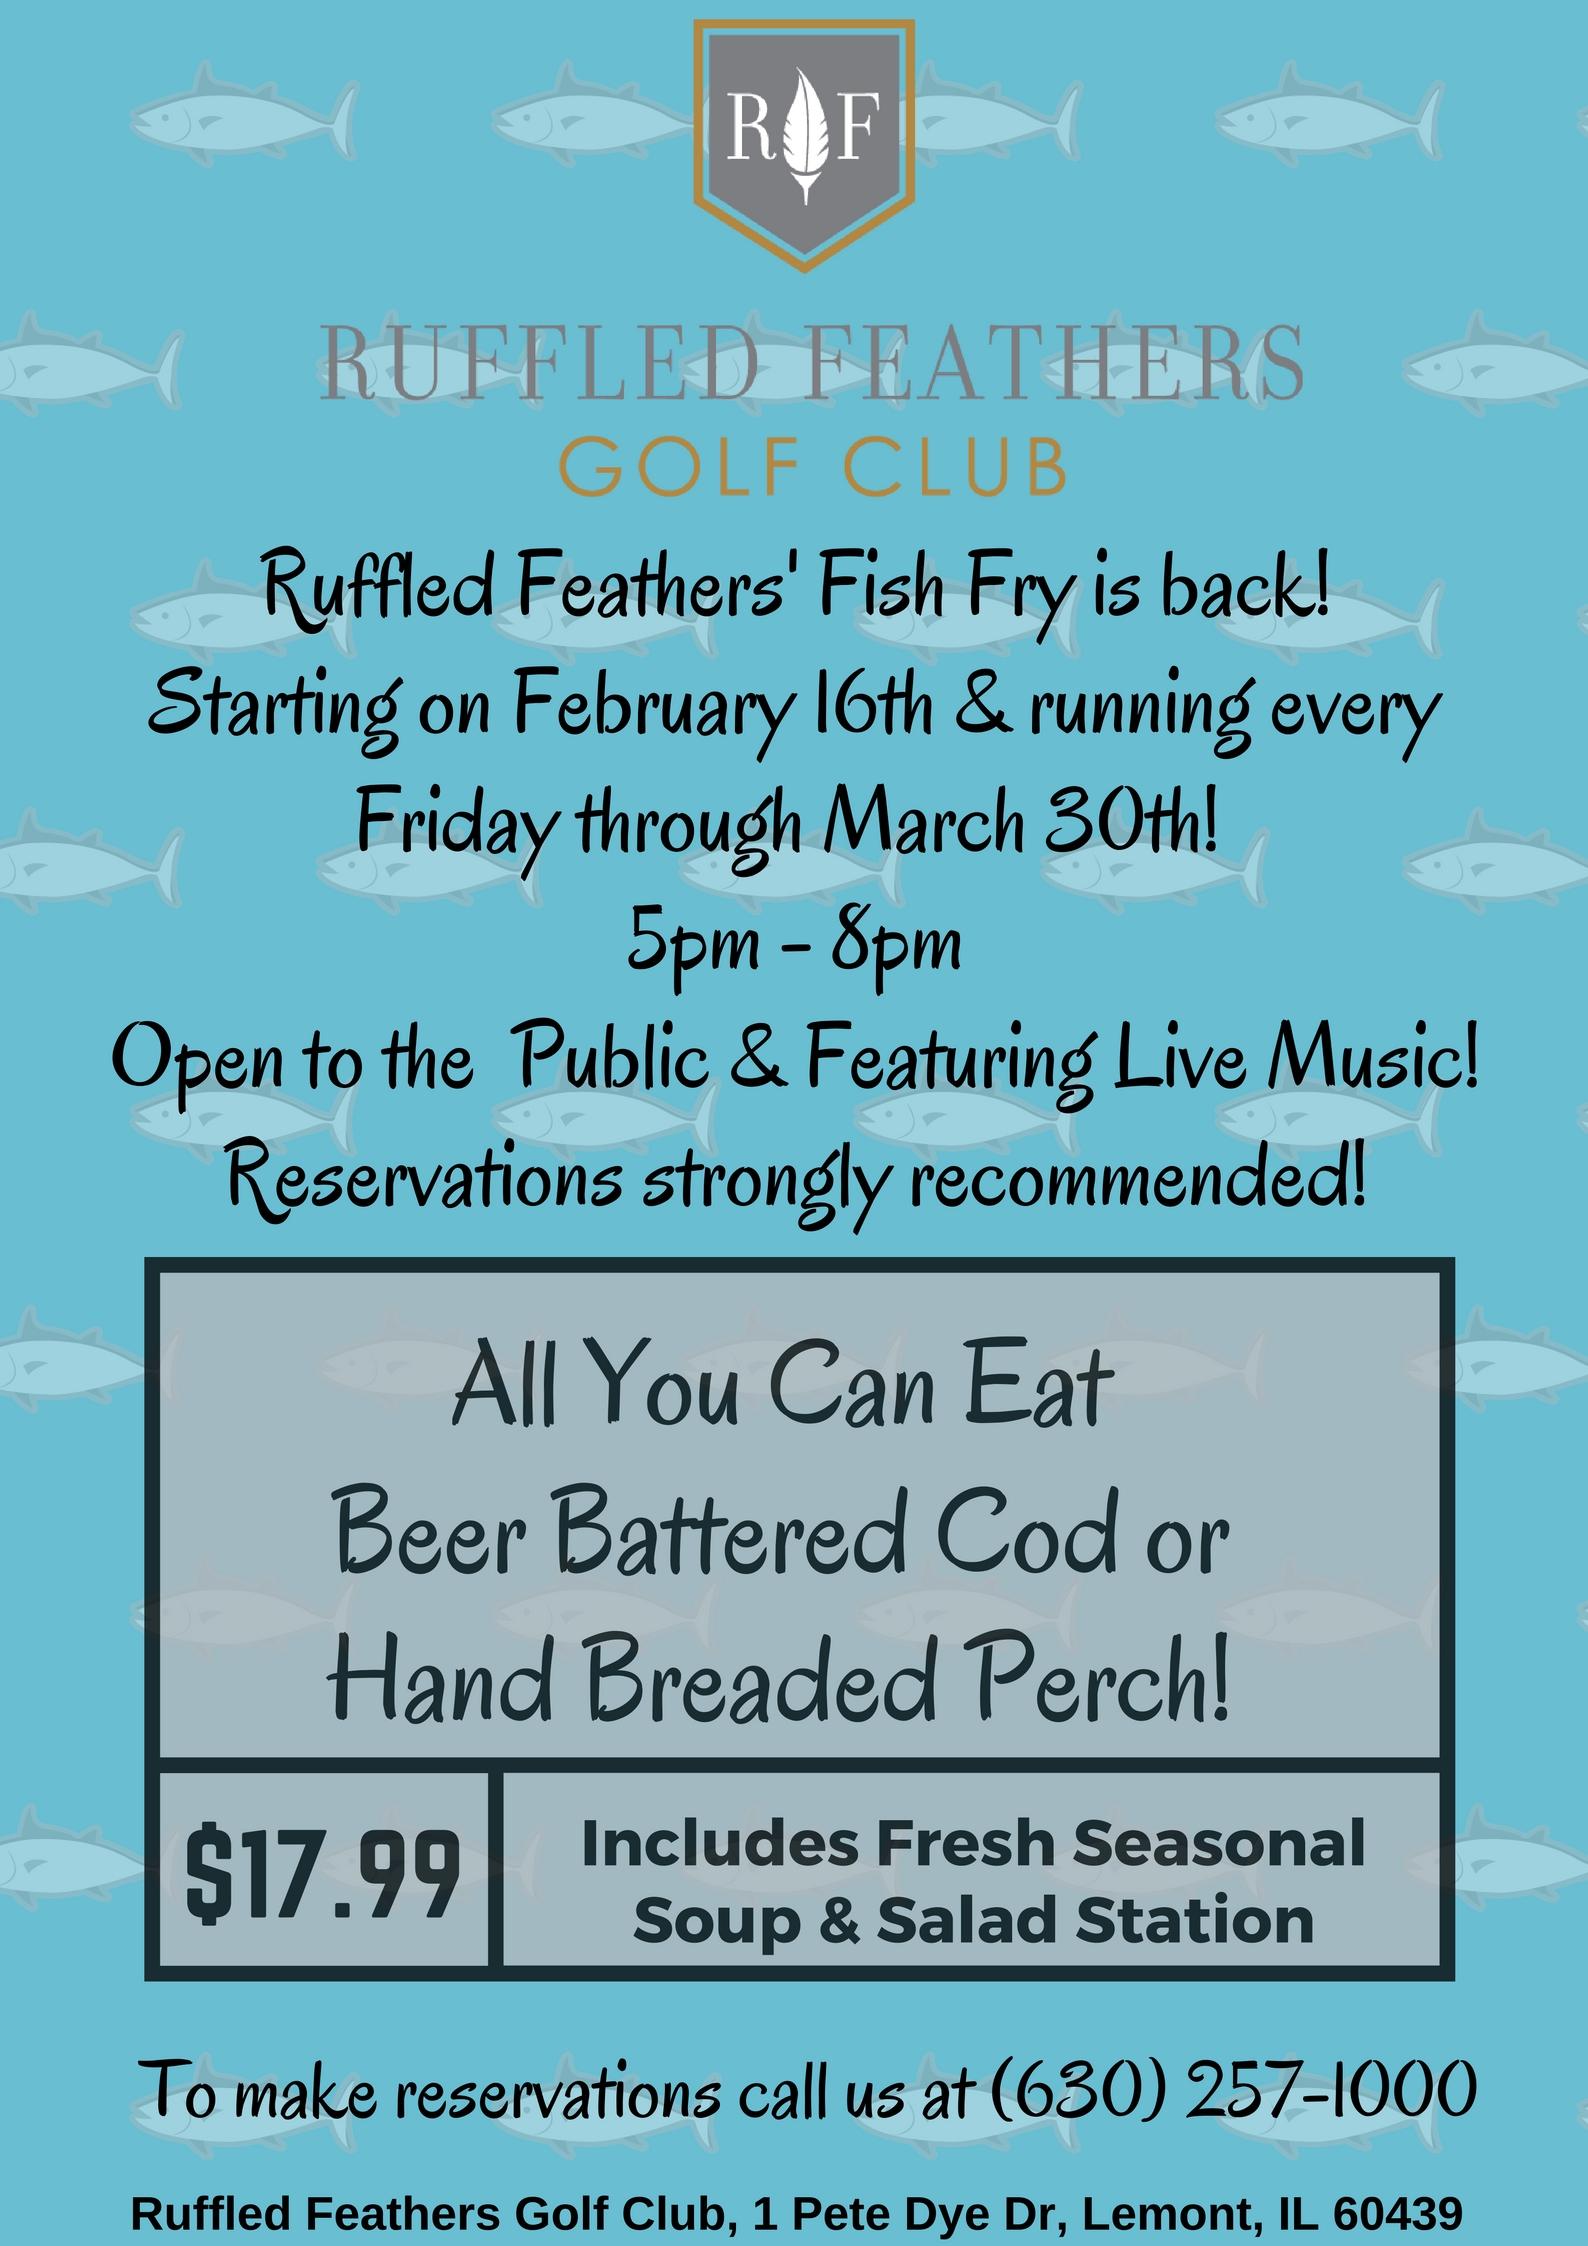 fish fry ruffled feathers golf club 2018 02 16